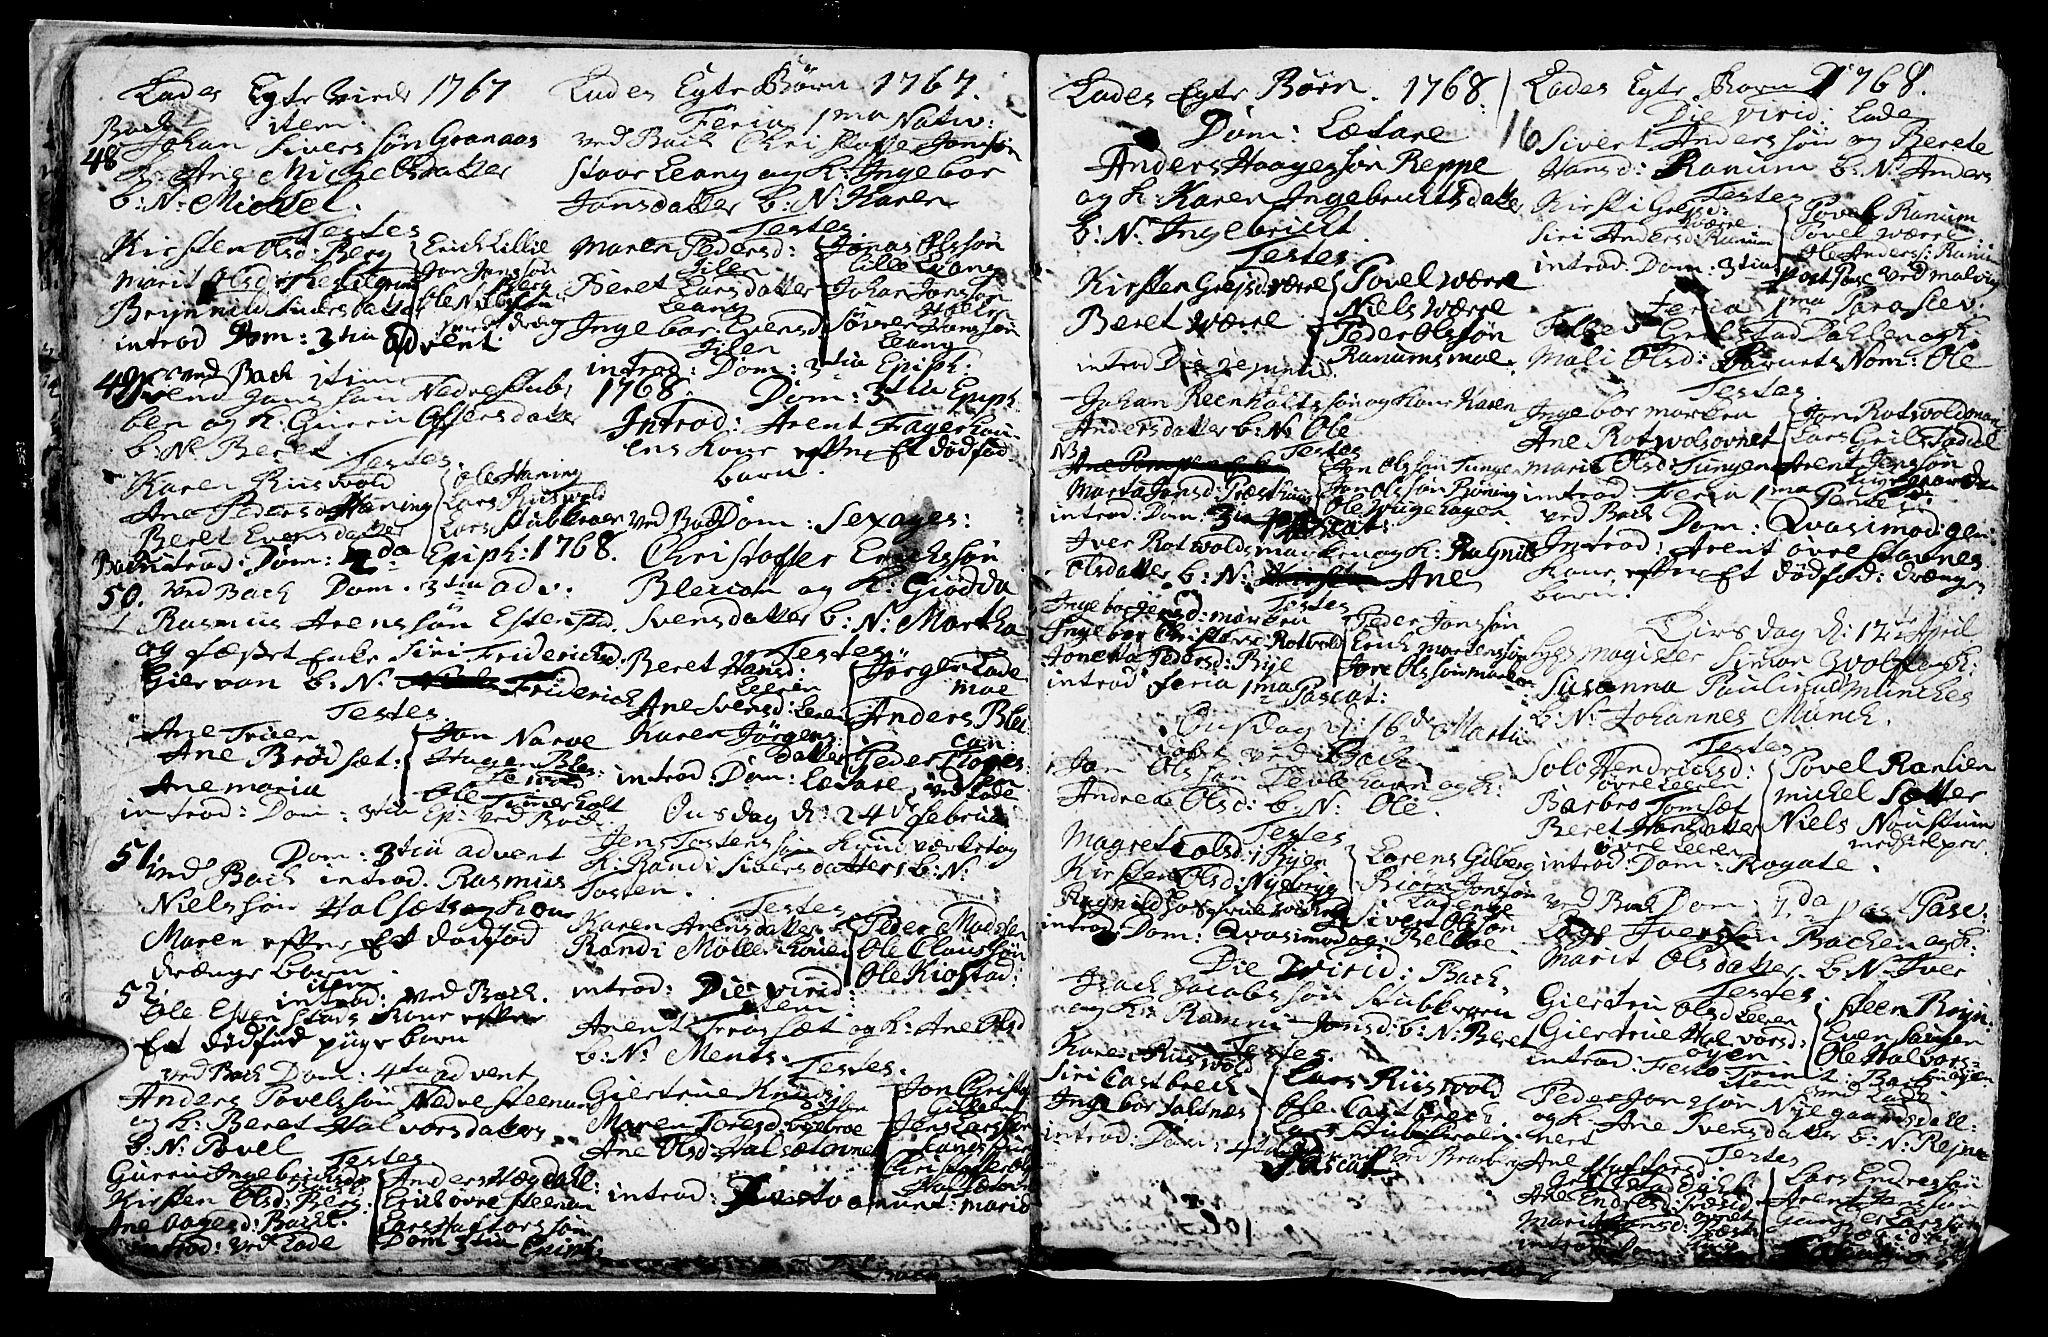 SAT, Ministerialprotokoller, klokkerbøker og fødselsregistre - Sør-Trøndelag, 606/L0305: Klokkerbok nr. 606C01, 1757-1819, s. 16